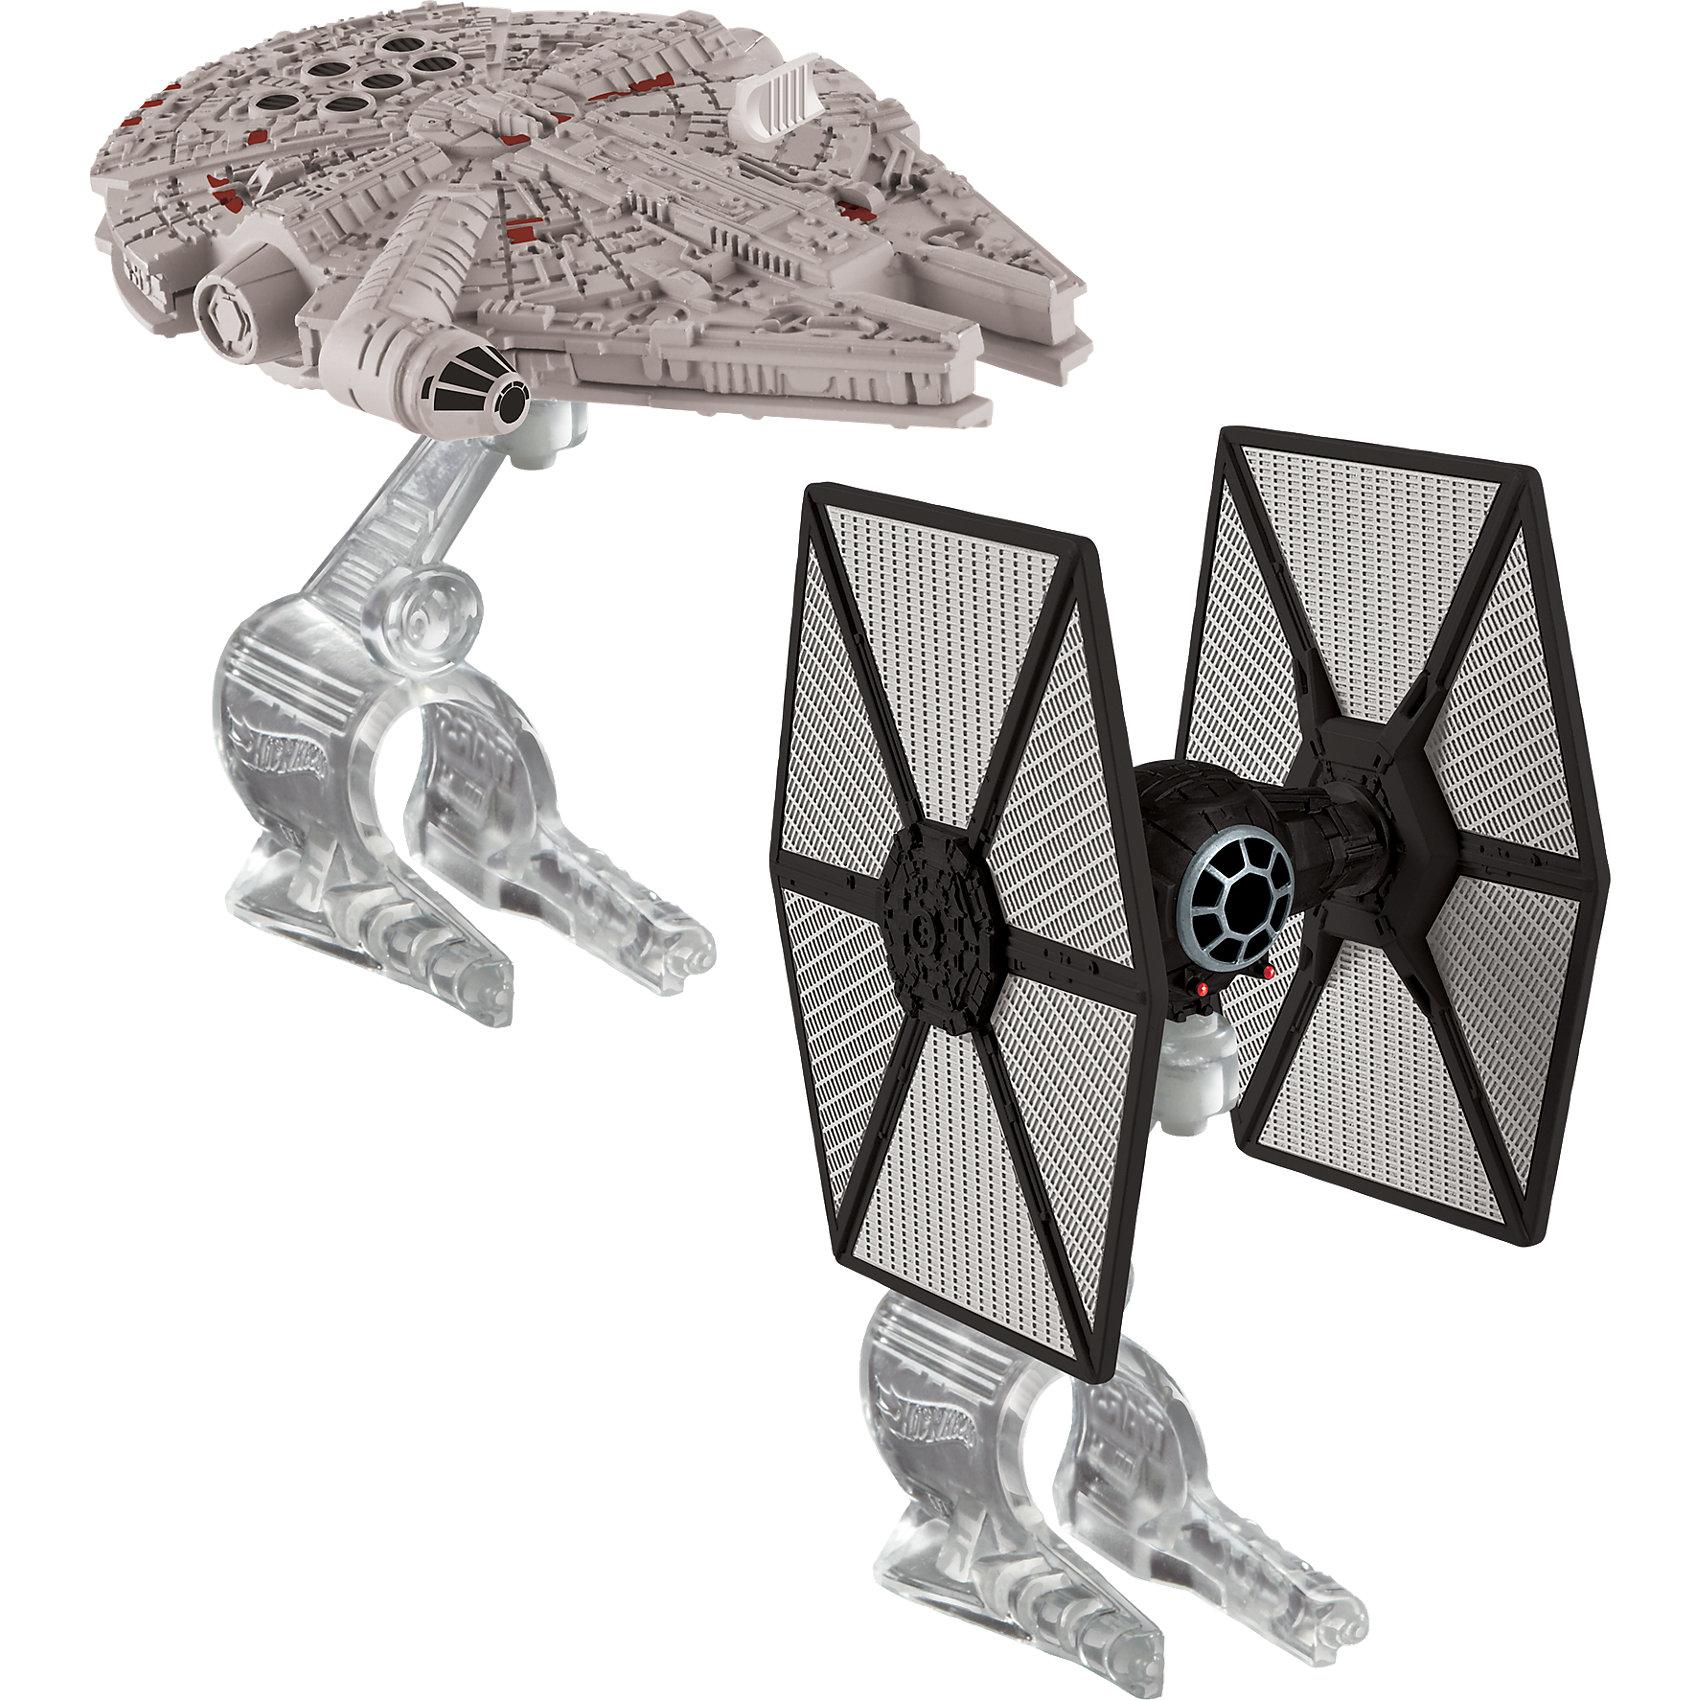 Набор из 2-х Звездных кораблей Star Wars, Hot WheelsХарактеристики товара:<br><br>• материал: пластик<br>• комплектация: два корабля, подставка<br>• хорошая детализация<br>• совместимы с игровыми наборами Hot Wheels Star Wars<br>• возраст: от 4 лет<br>• размер упаковки: 30х6х16,5 см<br>• упаковка: блистер на картоне<br>• страна бренда: США<br><br>Фильм Звездные войны обожает множество современных мальчишек. Сделать ребенку желанный подарок легко - приобретите такой набор Star Wars от бренда Hot Wheels! В него входят два космических корабля с подставкой. Её можно надеть на палец - и тогда корабль с помощью своего маленького владельца легко поднимется в воздух.<br><br>Эти игрушки от Mattel отлично проработаны. Они отличаются безопасными материалами и высокой степенью детализации. С таким набором можно придумать множество игр! Параллельно ребенок будет развивать фантазию, пространственное мышление и мелкую моторику.<br><br>Набор из 2-х Звездных кораблей Star Wars, Hot Wheels, от компании Mattel можно купить в нашем интернет-магазине.<br><br>Ширина мм: 309<br>Глубина мм: 182<br>Высота мм: 78<br>Вес г: 182<br>Возраст от месяцев: 48<br>Возраст до месяцев: 108<br>Пол: Мужской<br>Возраст: Детский<br>SKU: 5427578